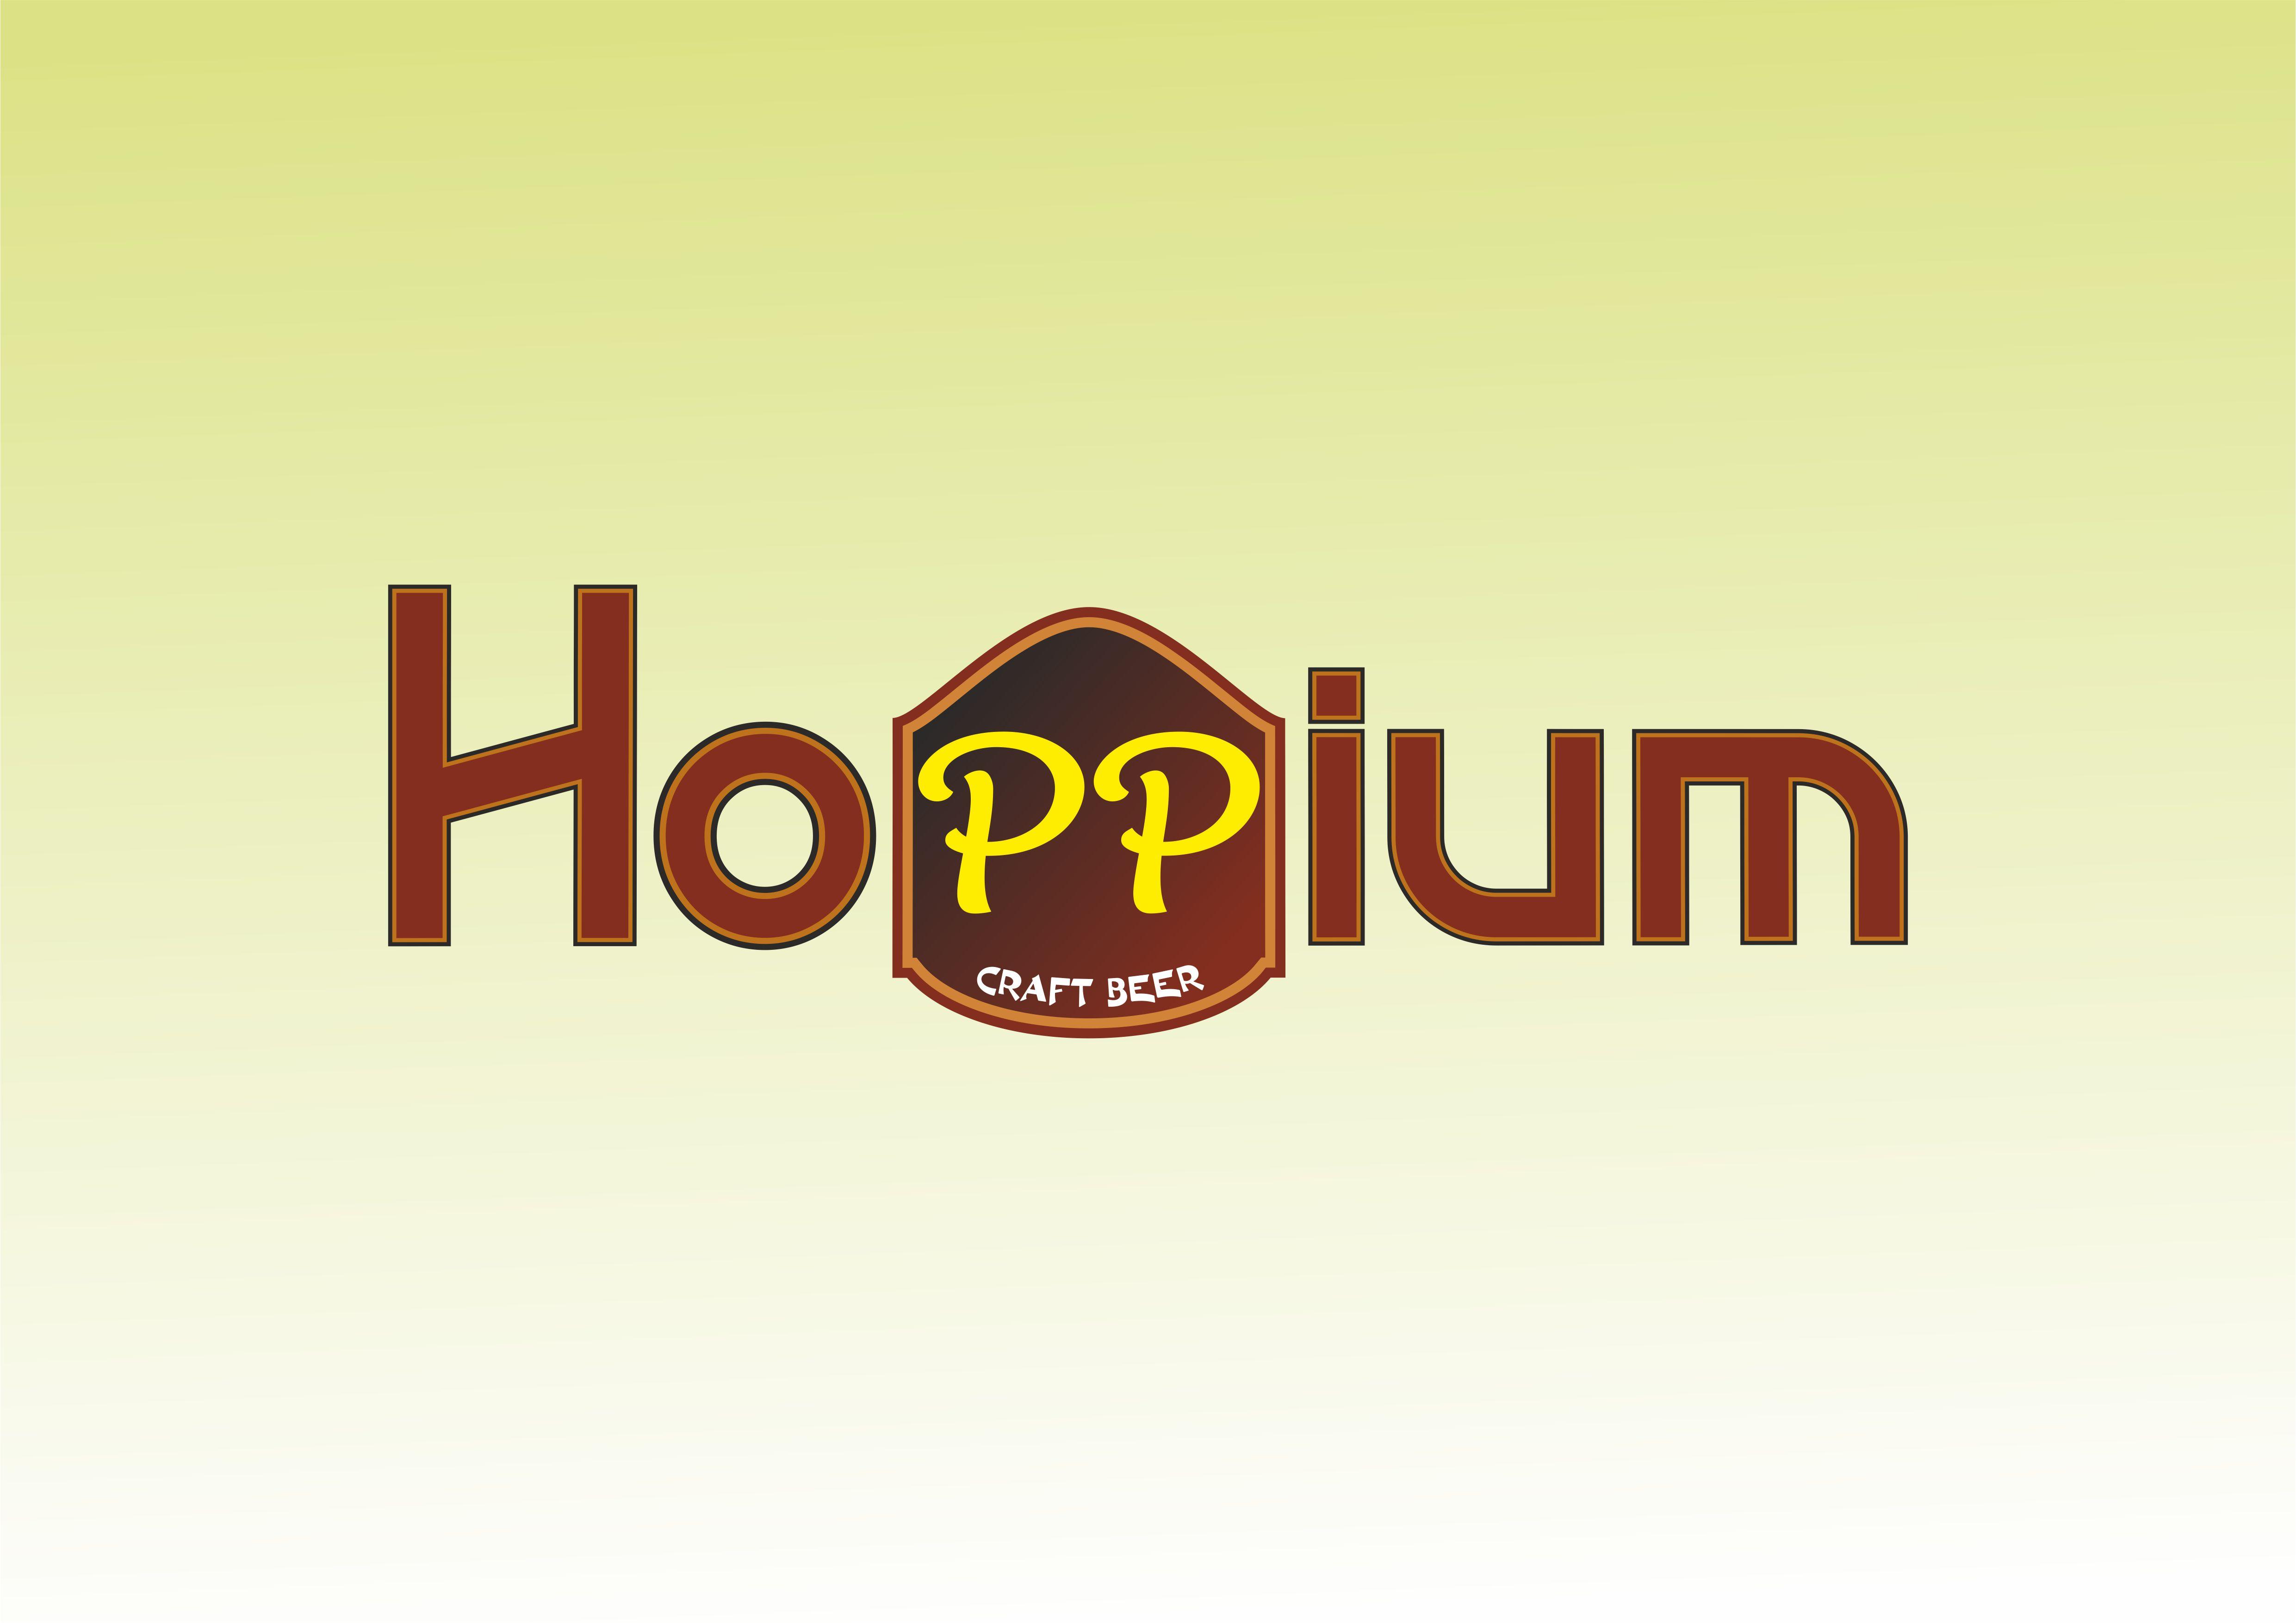 Логотип + Ценники для подмосковной крафтовой пивоварни фото f_9105dc1a92d11f16.jpg